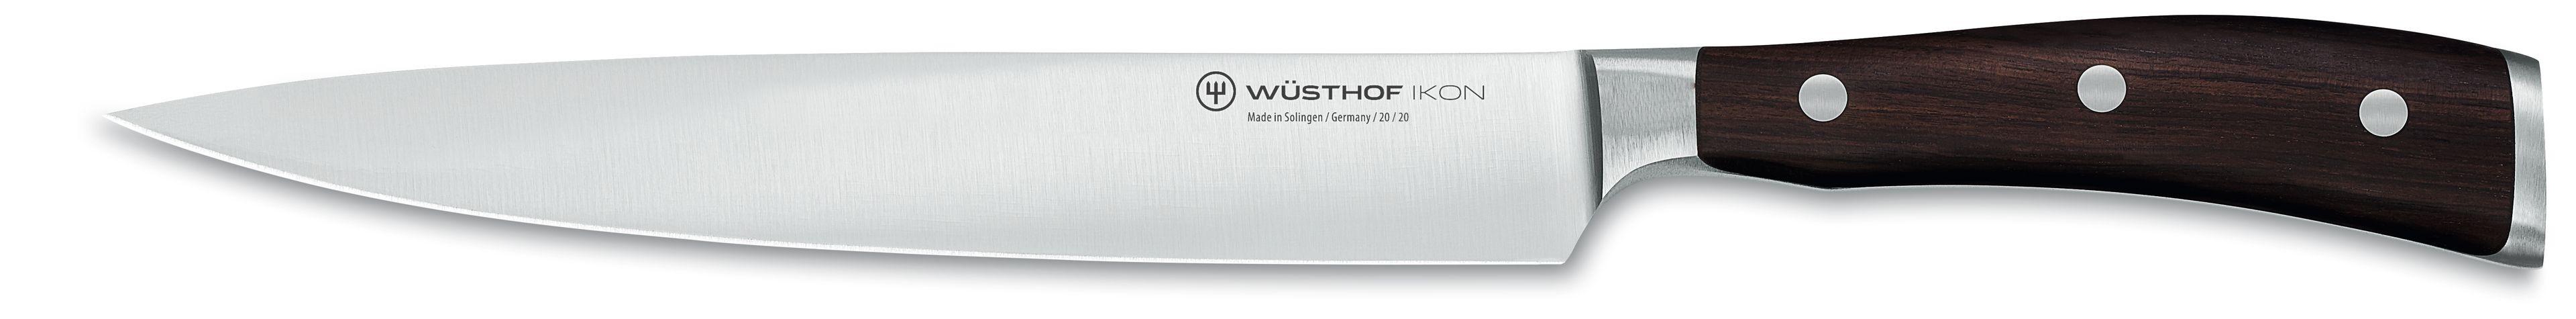 Wüsthof Schinkenmesser Ikon 20 cm